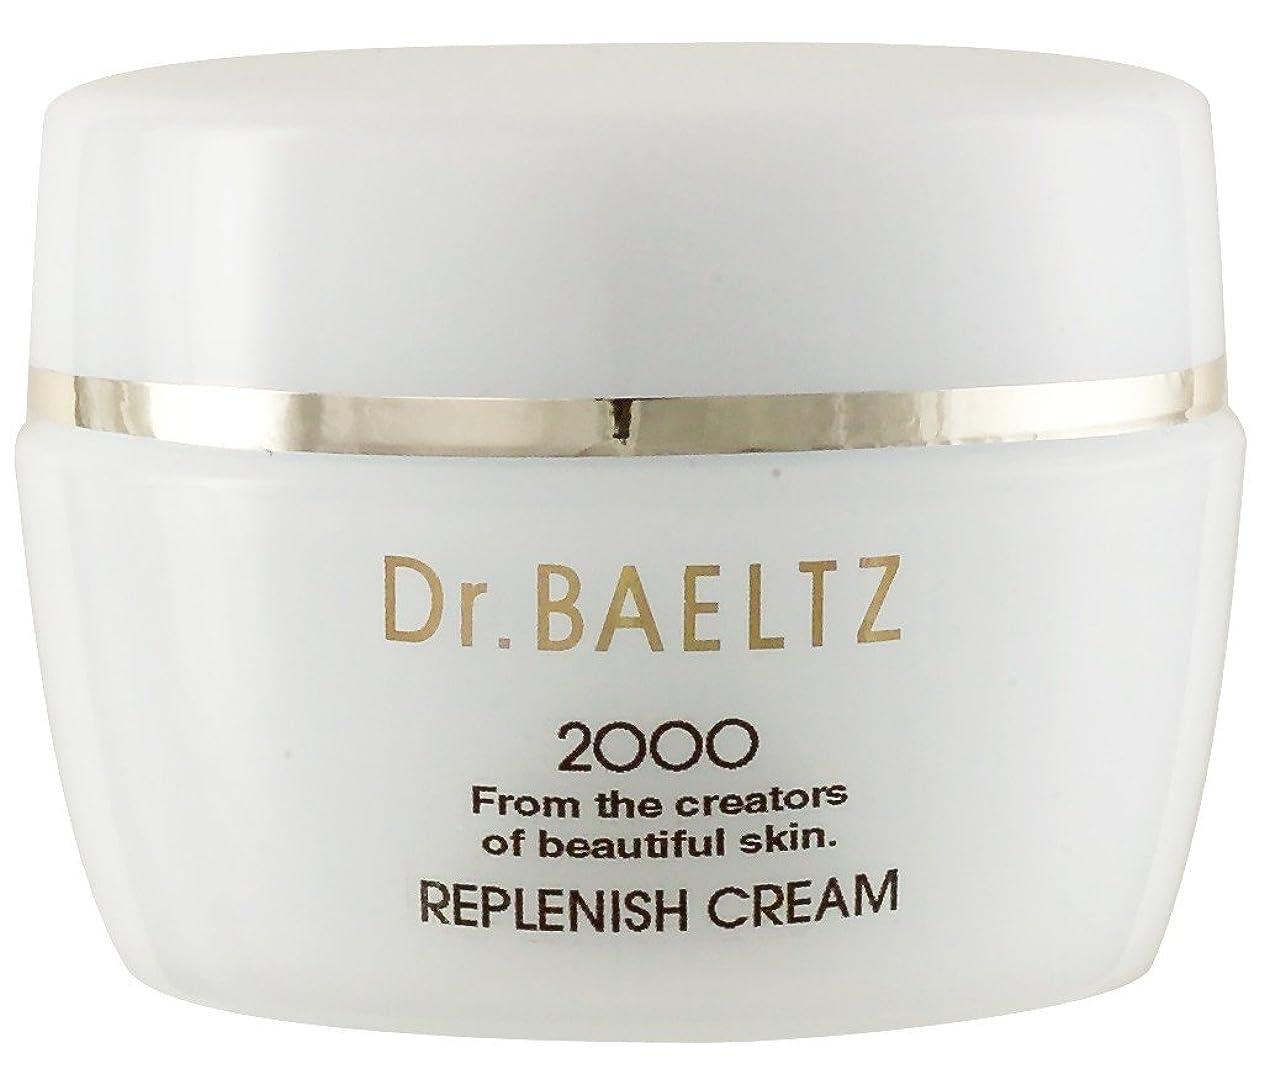 ピッチャーくま論理ドクターベルツ(Dr.BAELTZ) リプレニッシュクリーム 40g(保湿クリーム)